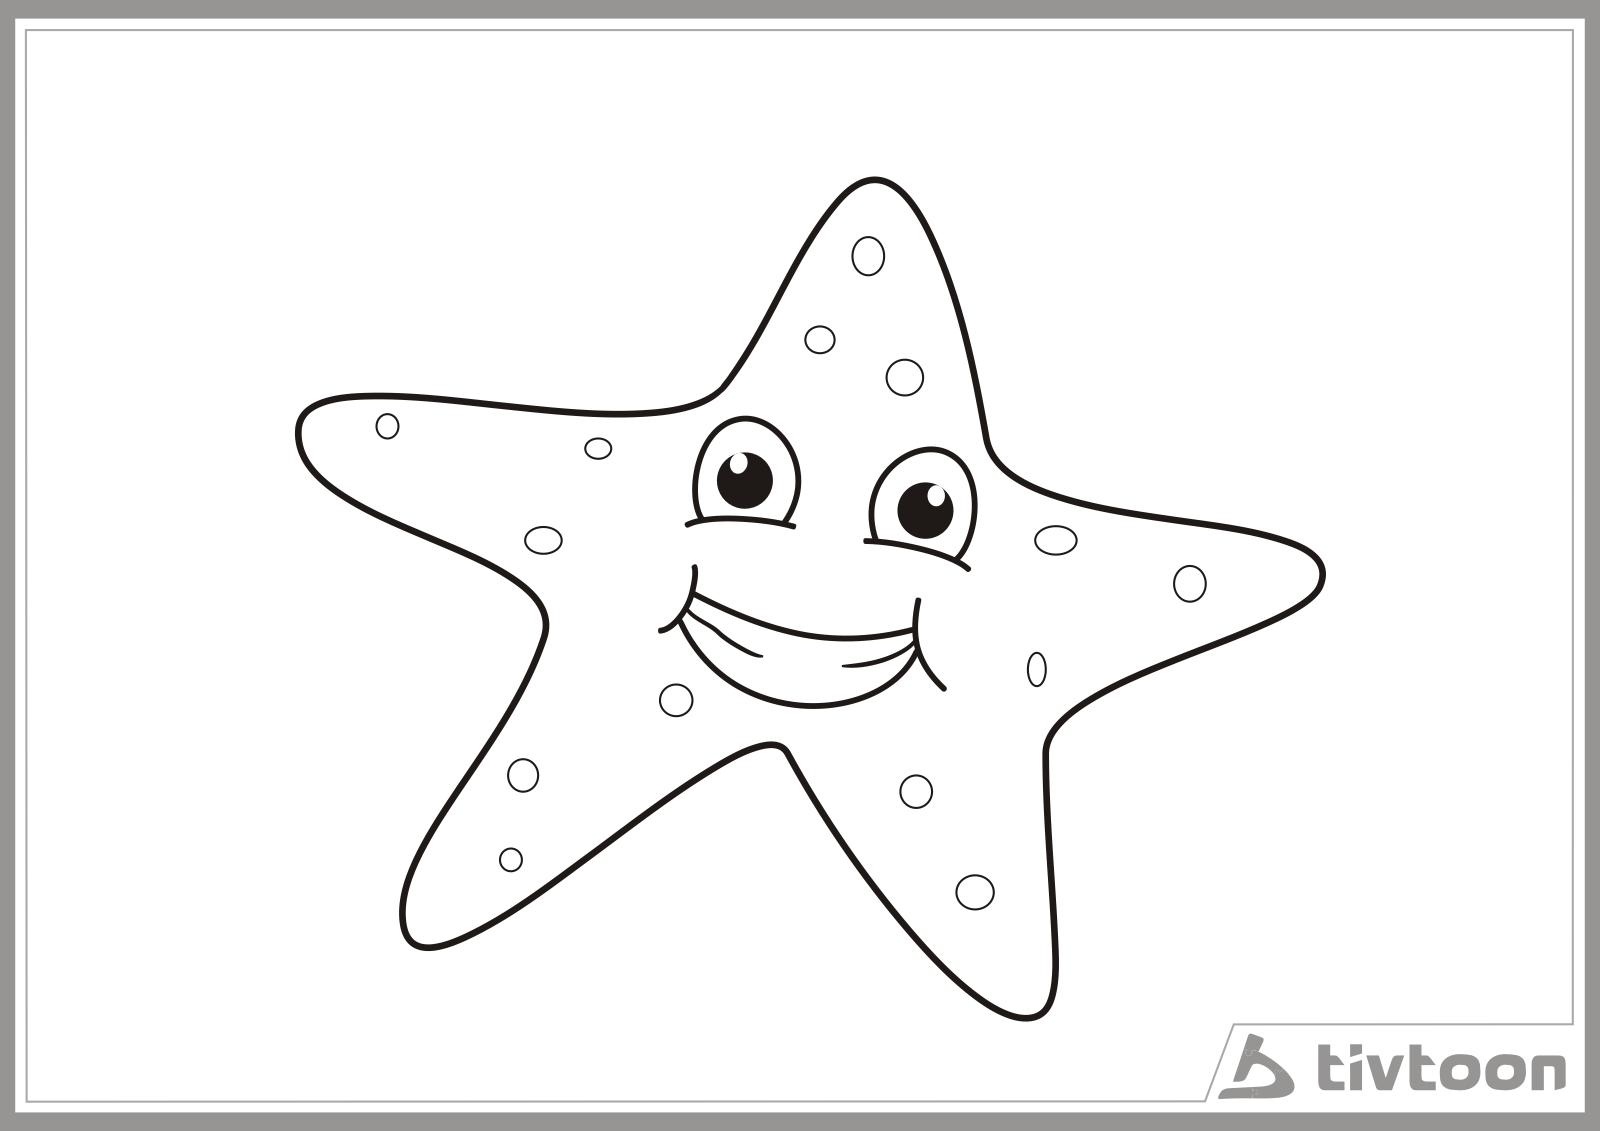 Cara Mewarnai Bintang Laut Gambar Mewarnai Gratis